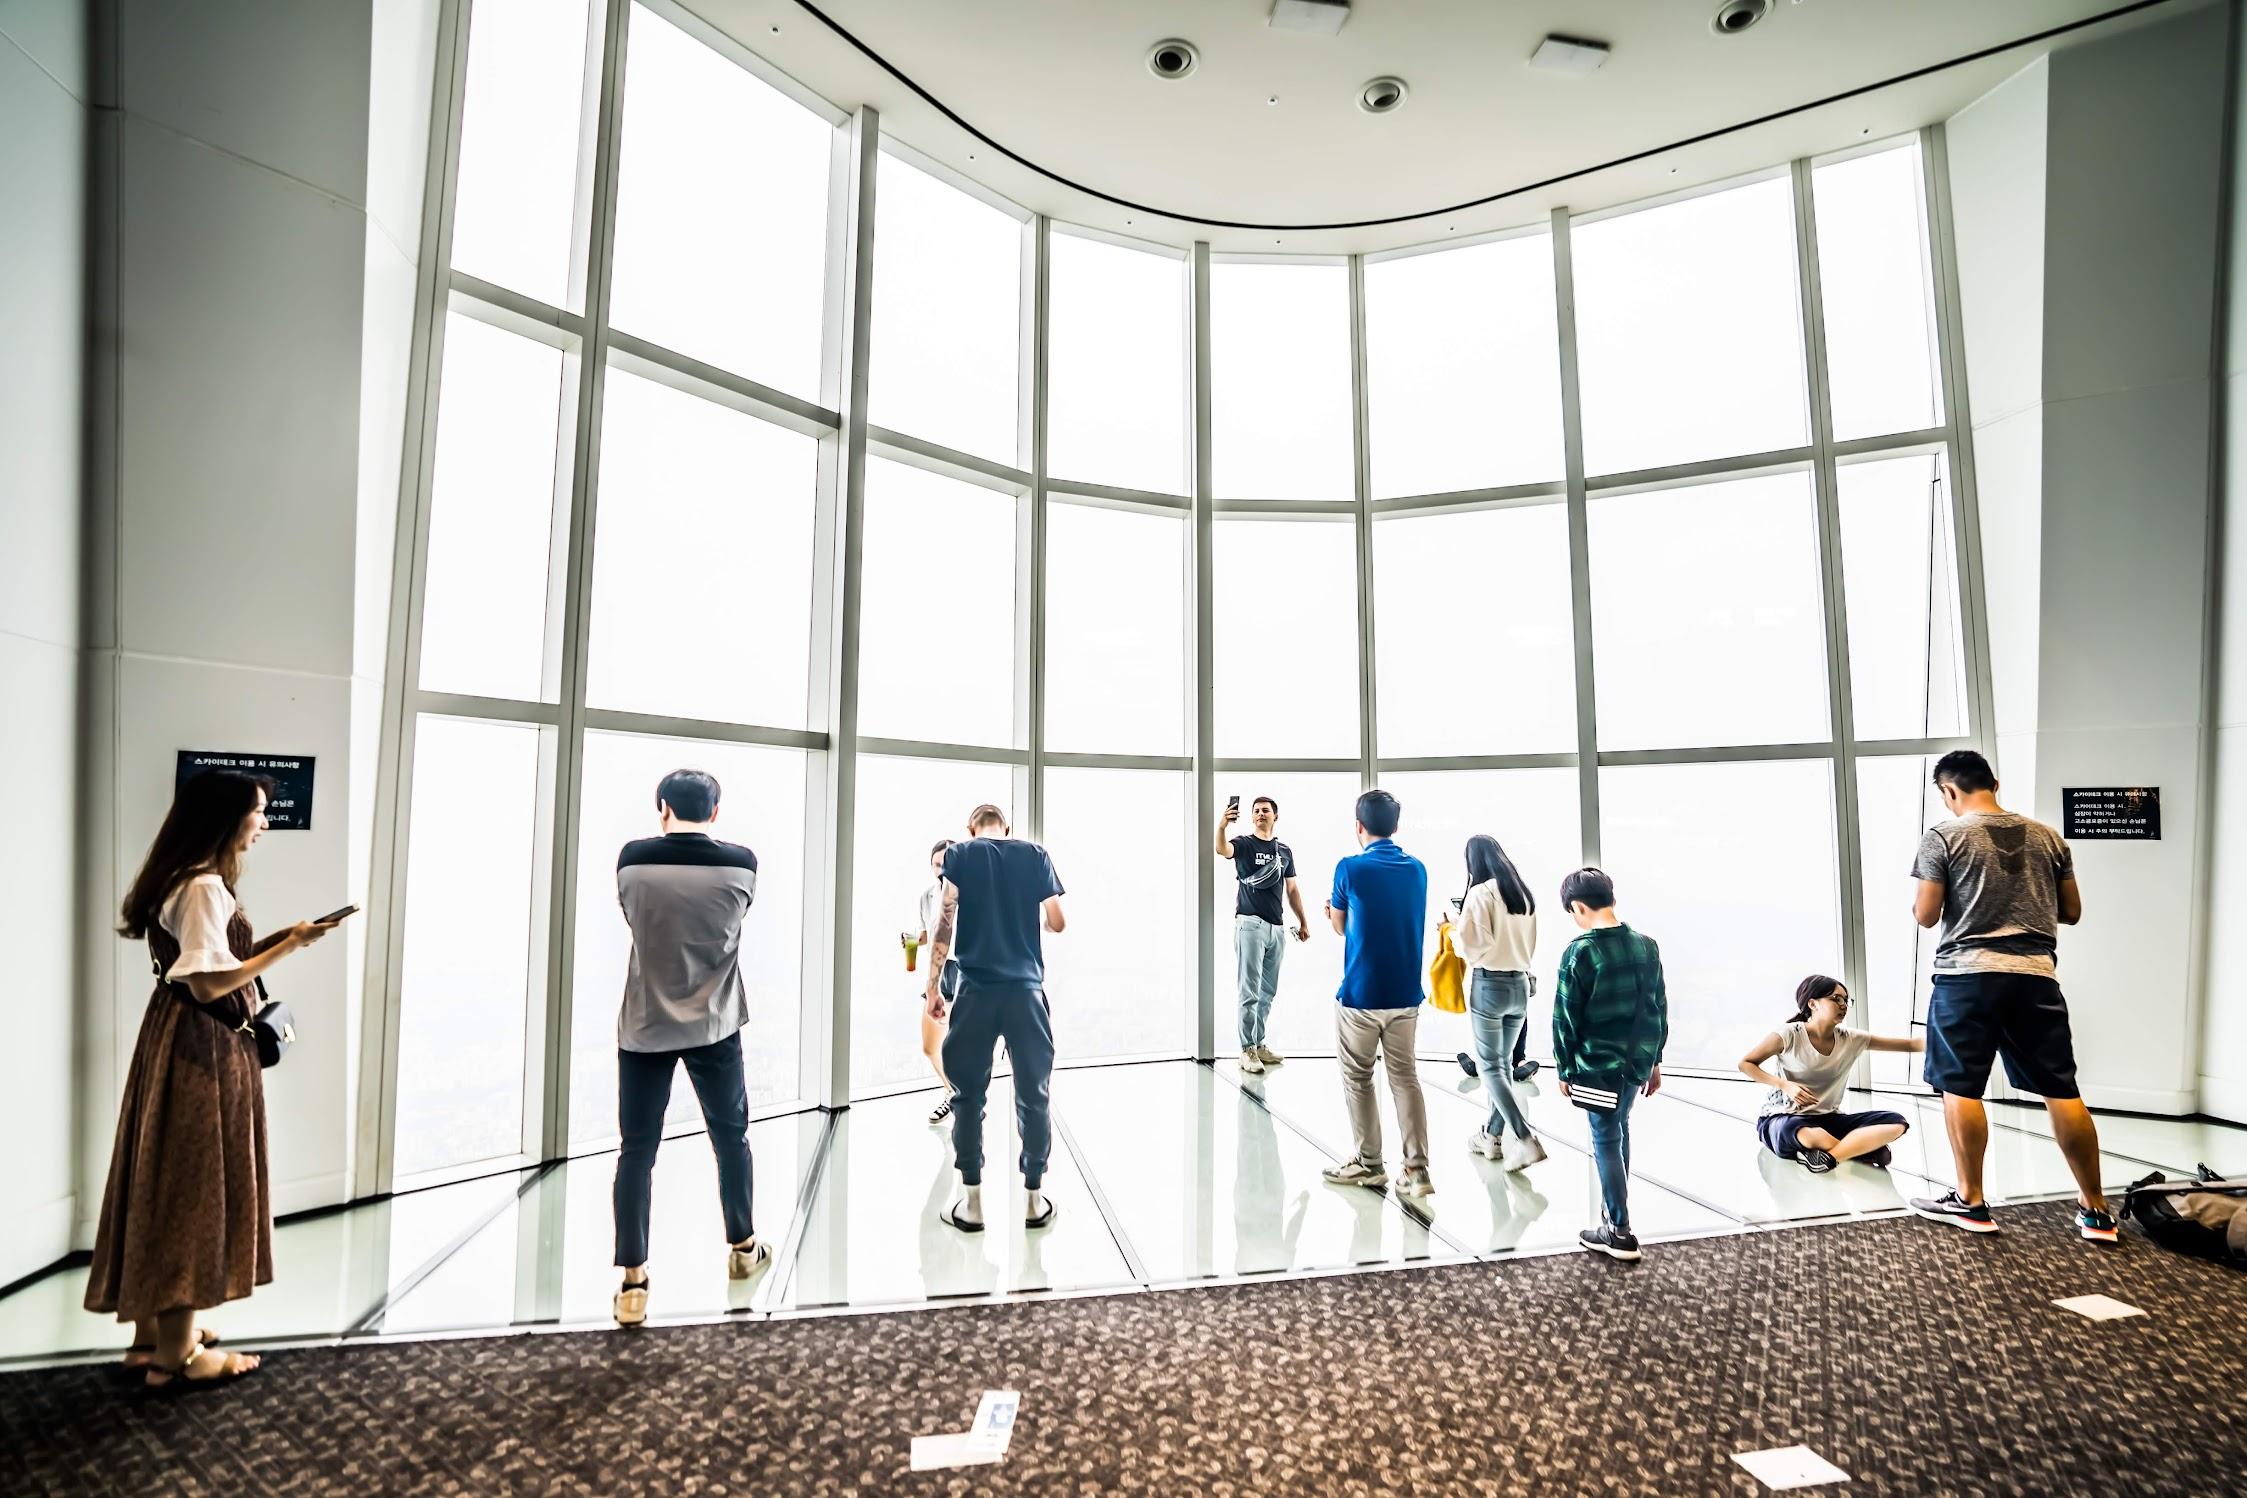 Lotte World Tower Observation Deck2